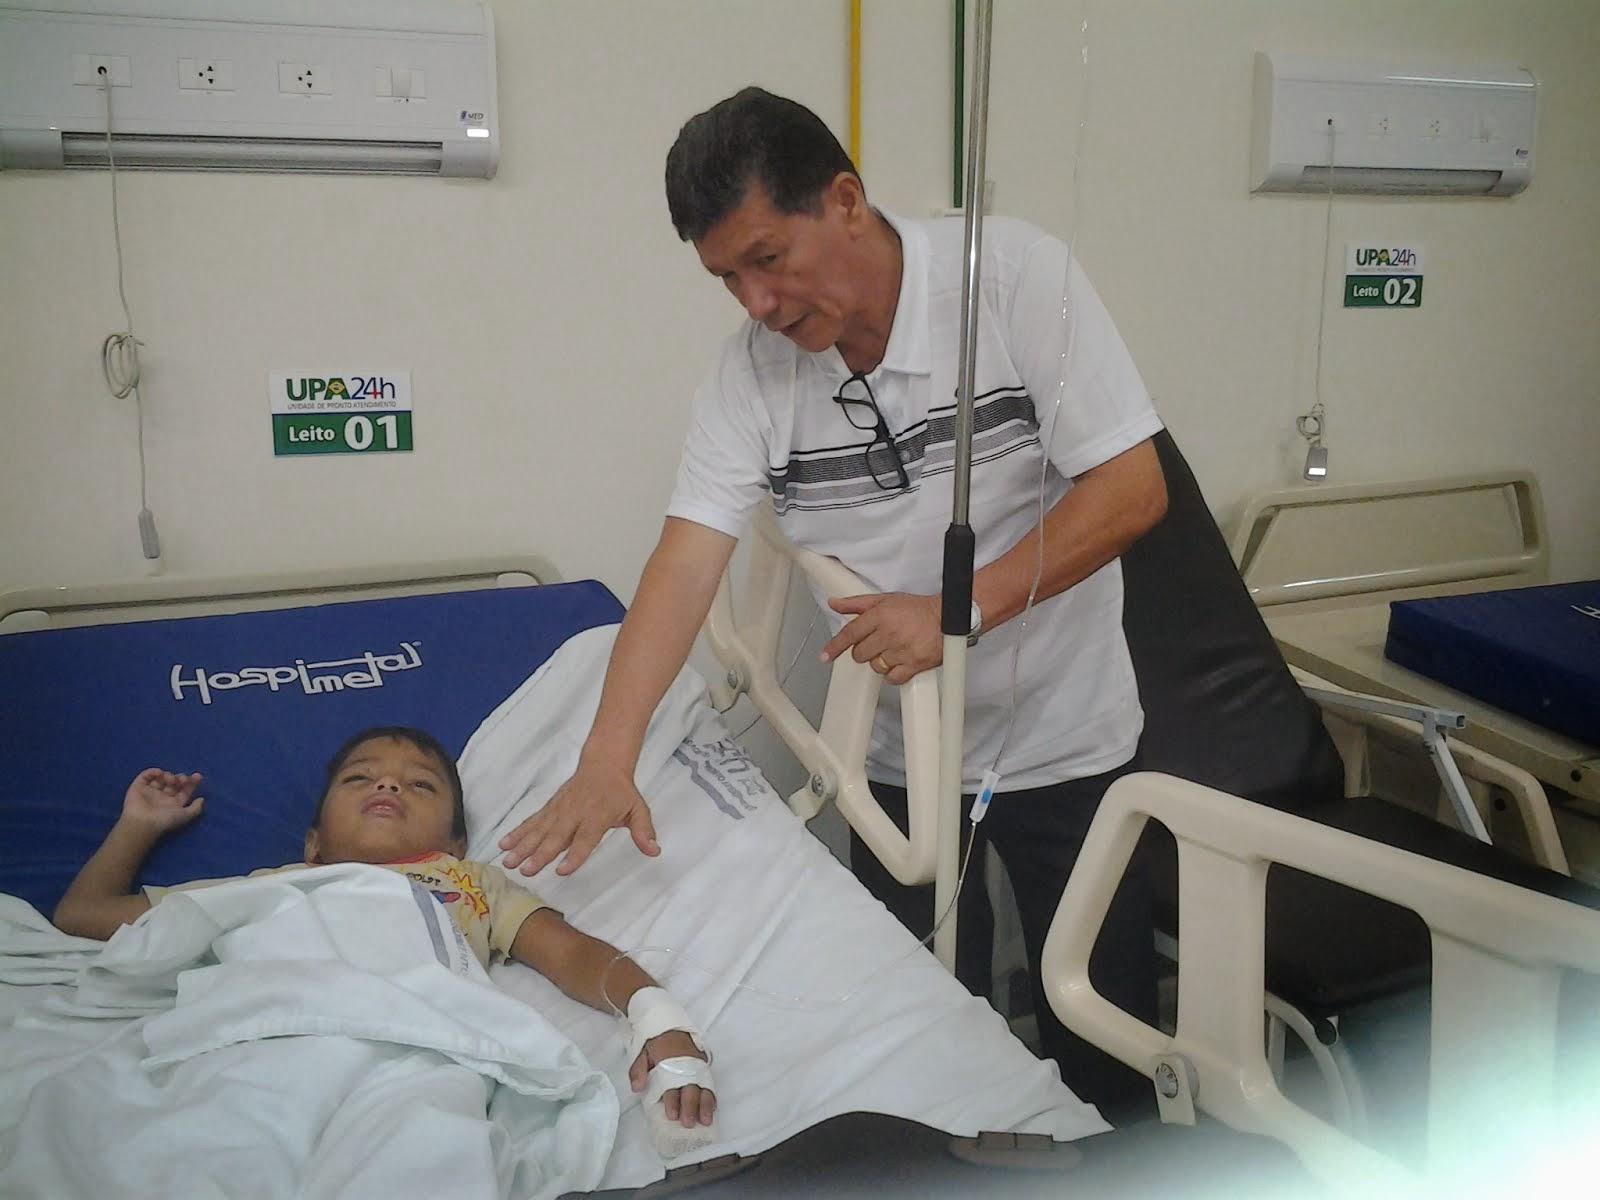 Evangelização na UPA - Rio Branco - AC